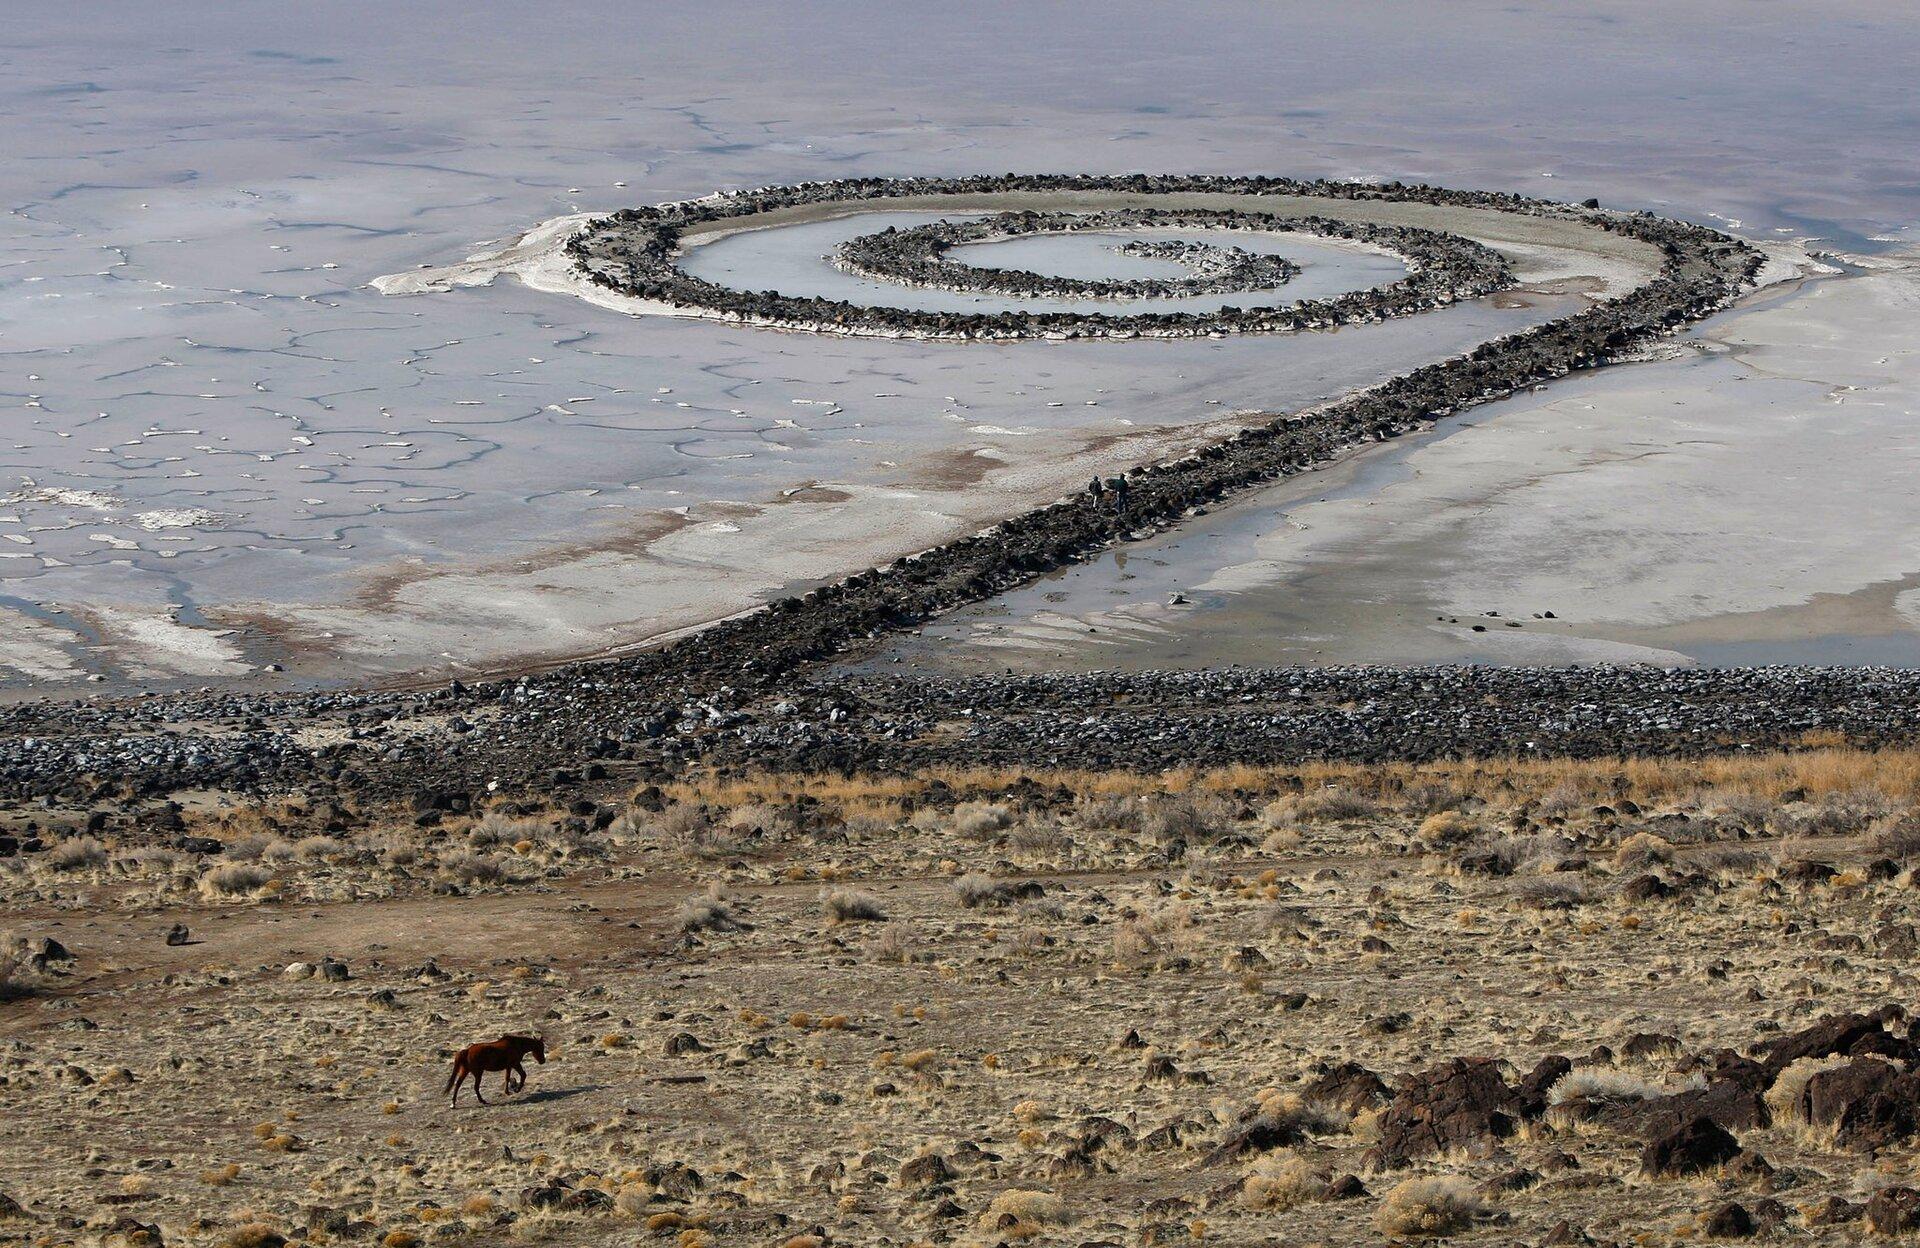 Ilustracja przedstawia utworzoną zkamieni ipiachu wizję artystyczną przypominającą kształtem muszlę ślimaka. Artysta wykorzystał 6 tysięcy ton ziemi ikamienia, zktórych usypał 500 metrową spiralną groblę. Realizacja trwała 6 dni. Wwyniku działania czynników atmosferycznych pierwotny wygląd grobli nieodwracalnie się zmienił.